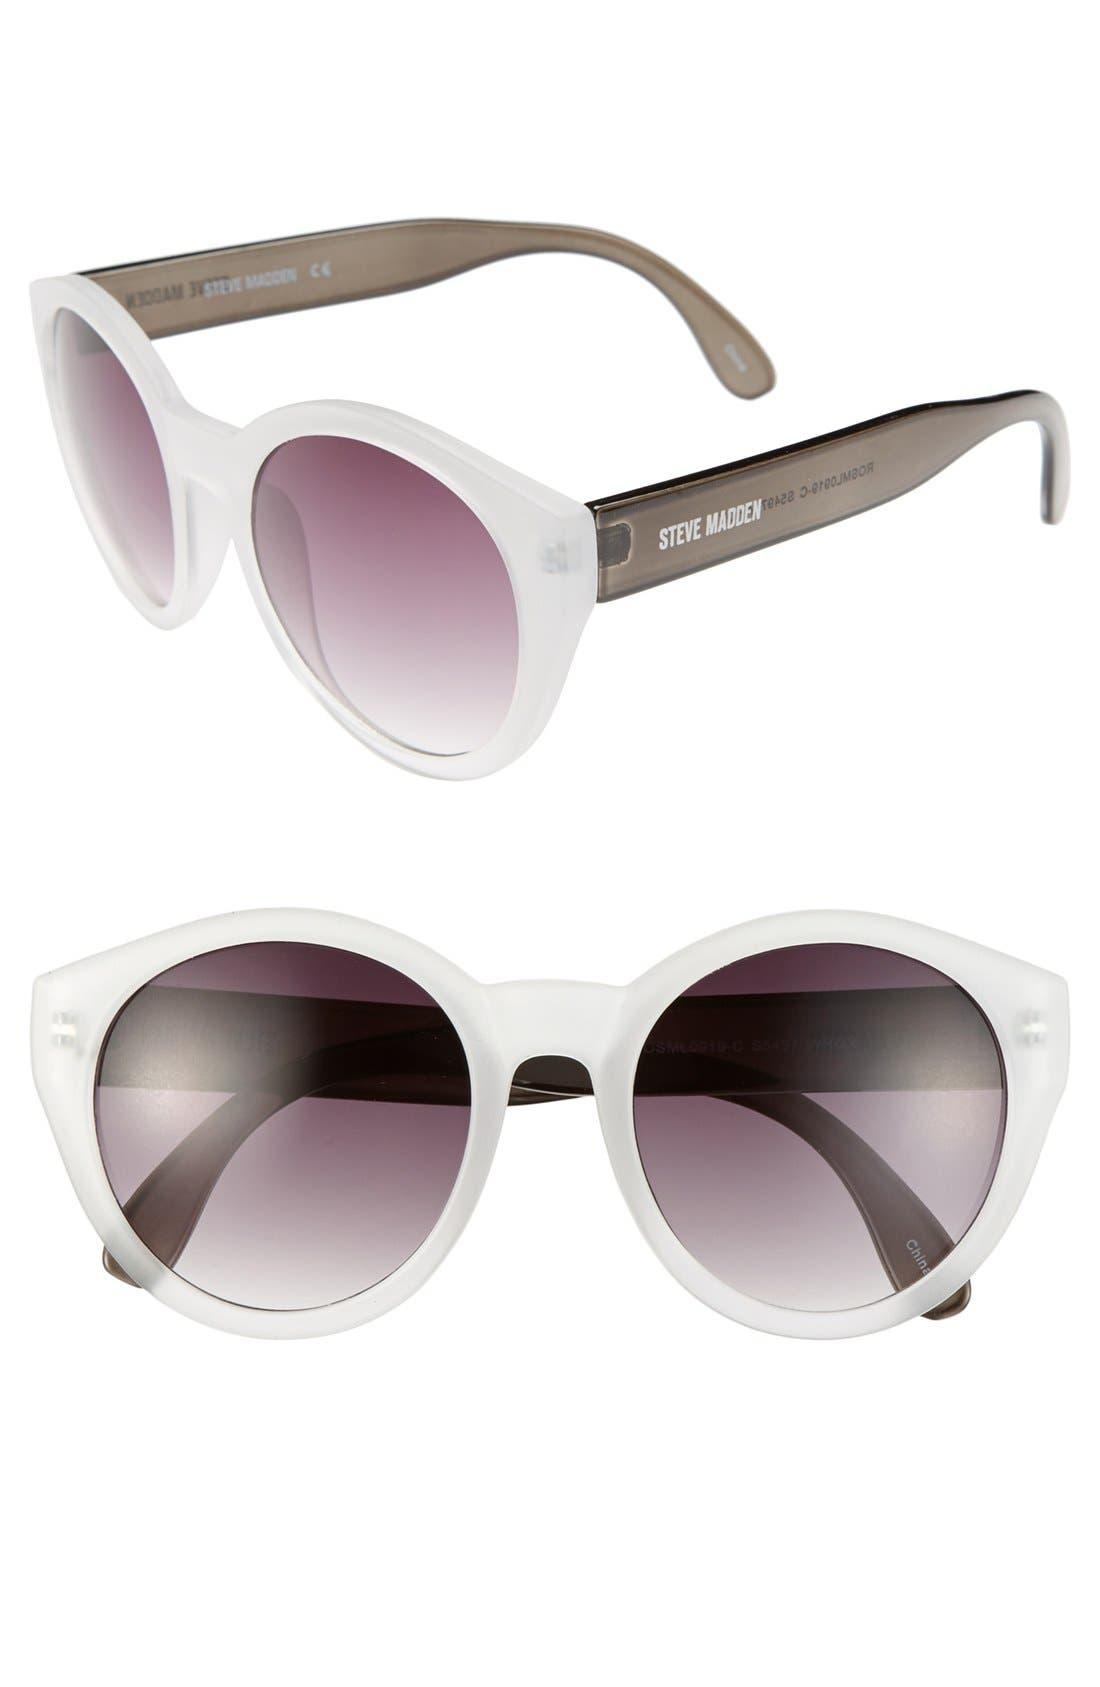 Alternate Image 1 Selected - Steve Madden 49mm Round Oversized Sunglasses